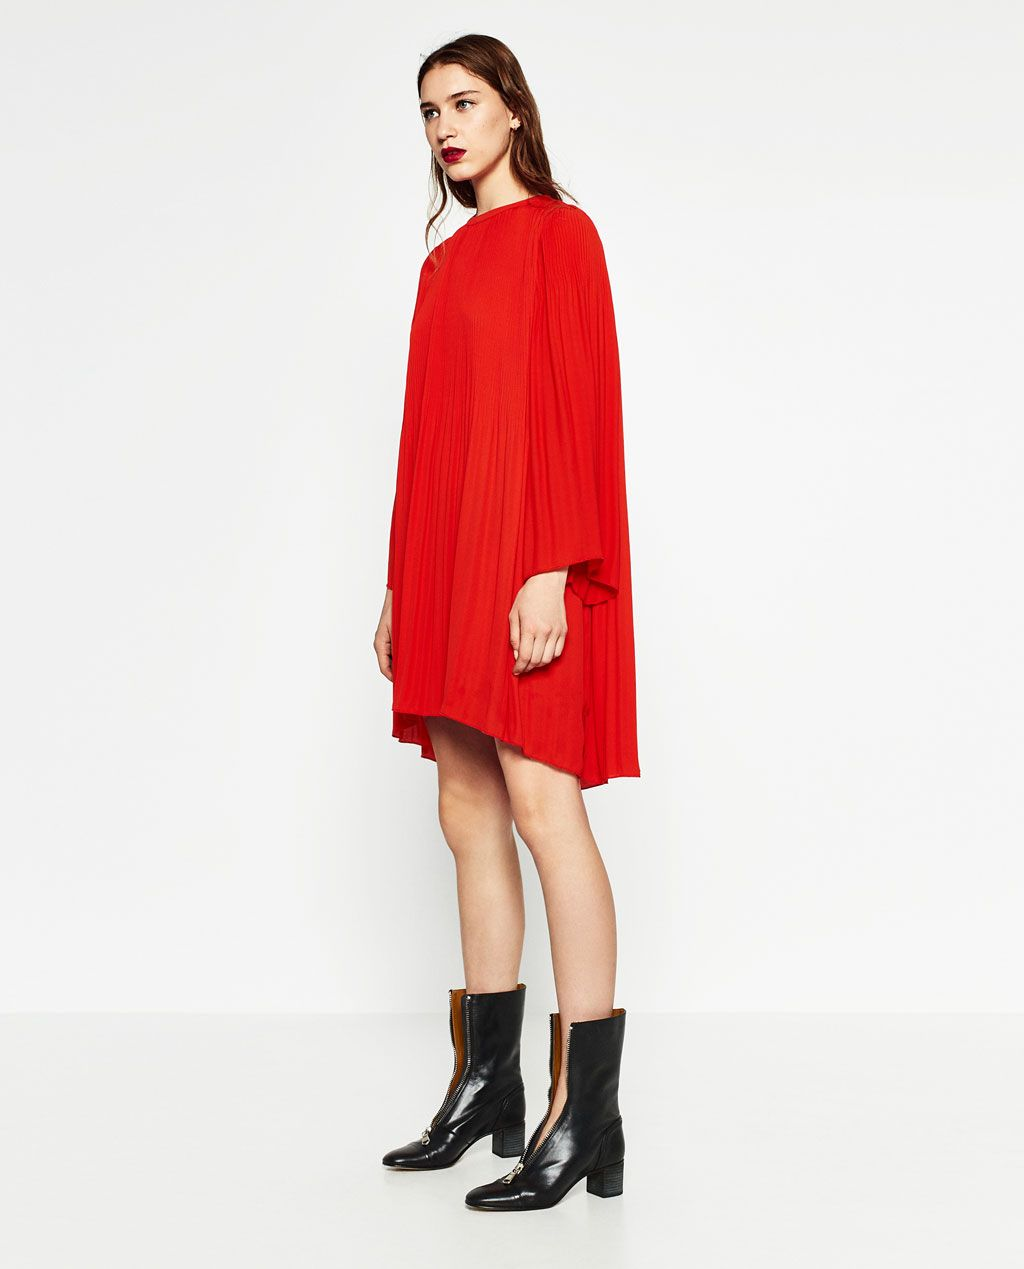 Ss18 Dresses Zara Inspiration Plissée De Robe Image 1 wqY4Ug